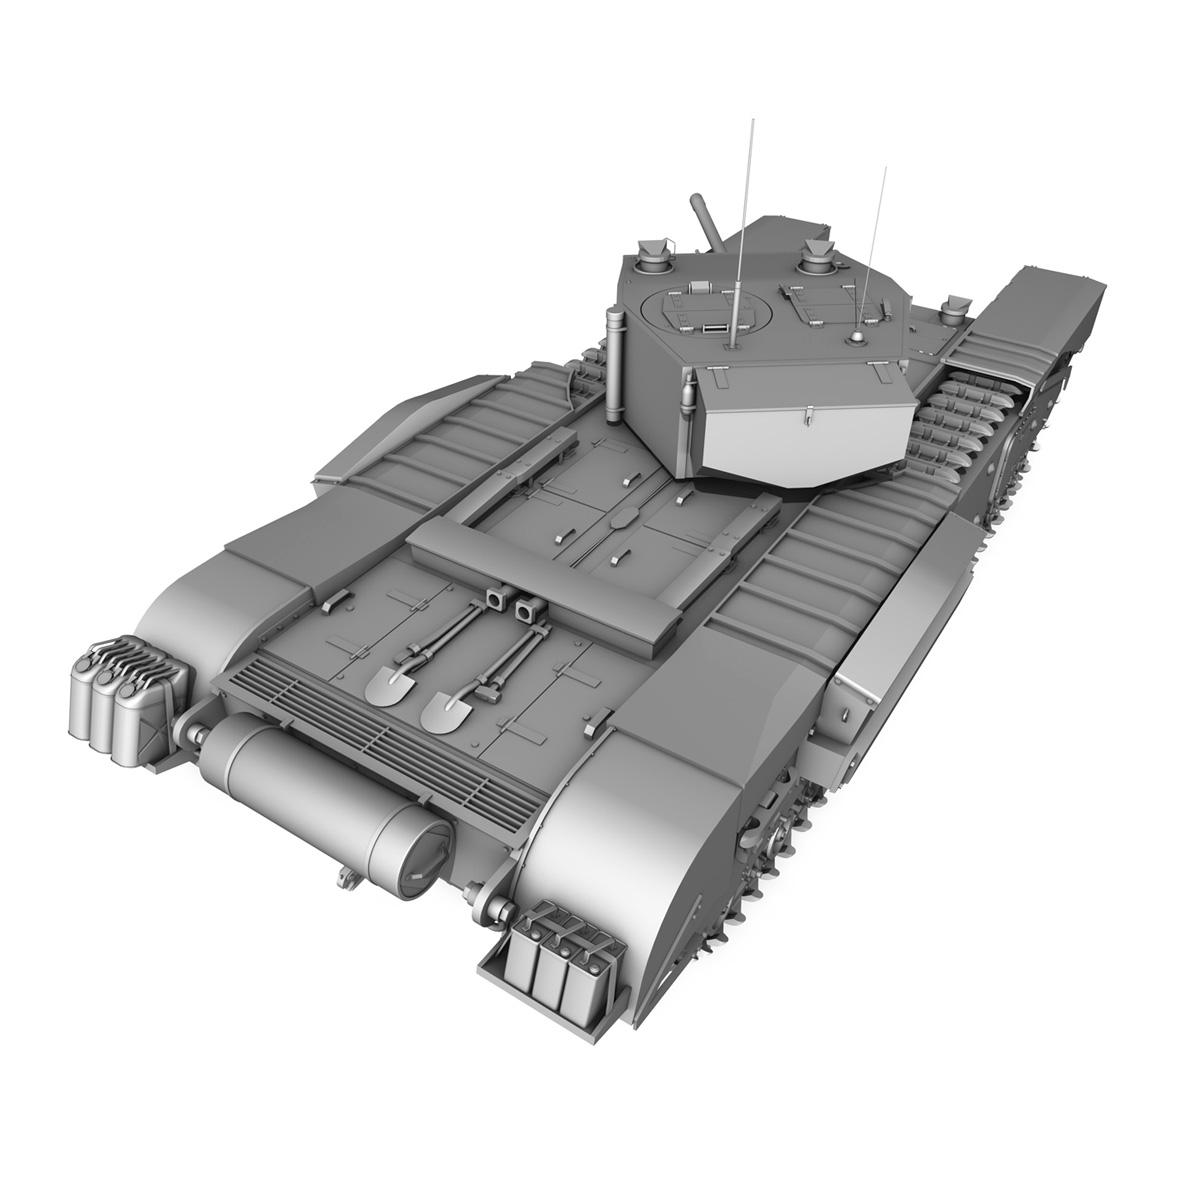 churchill infantry tank mk.iii 3d model 3ds fbx c4d lwo obj 271964